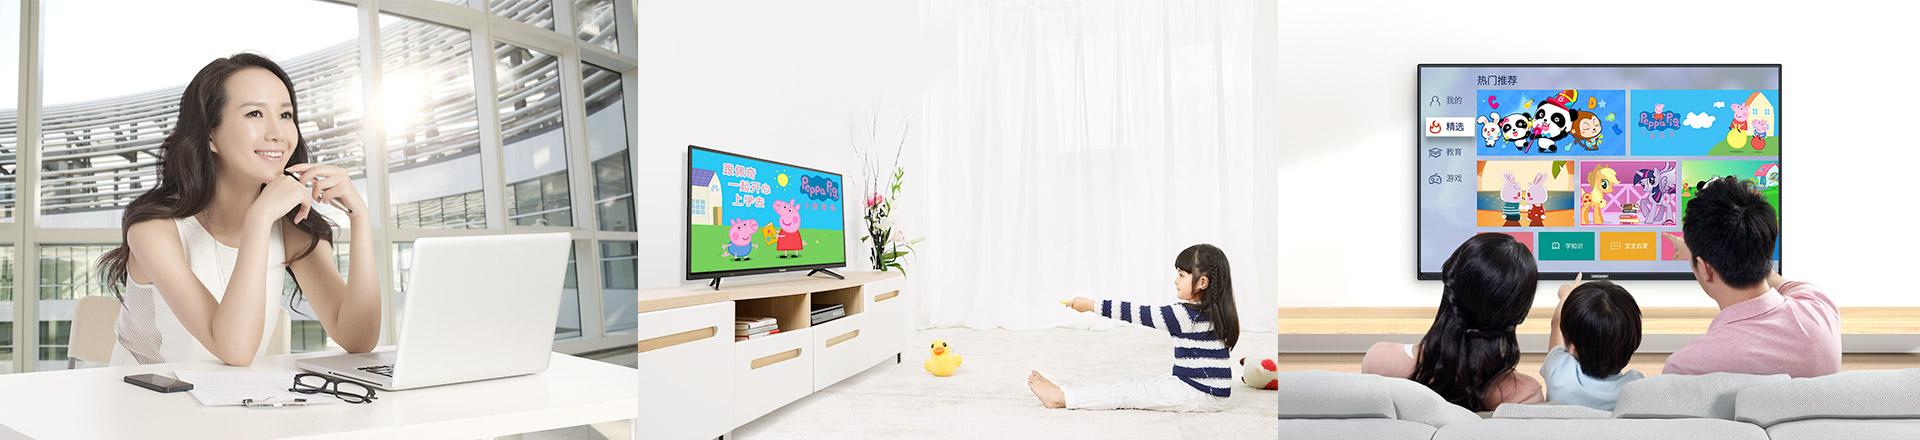 酷开32K5C 陪孩子看看电视